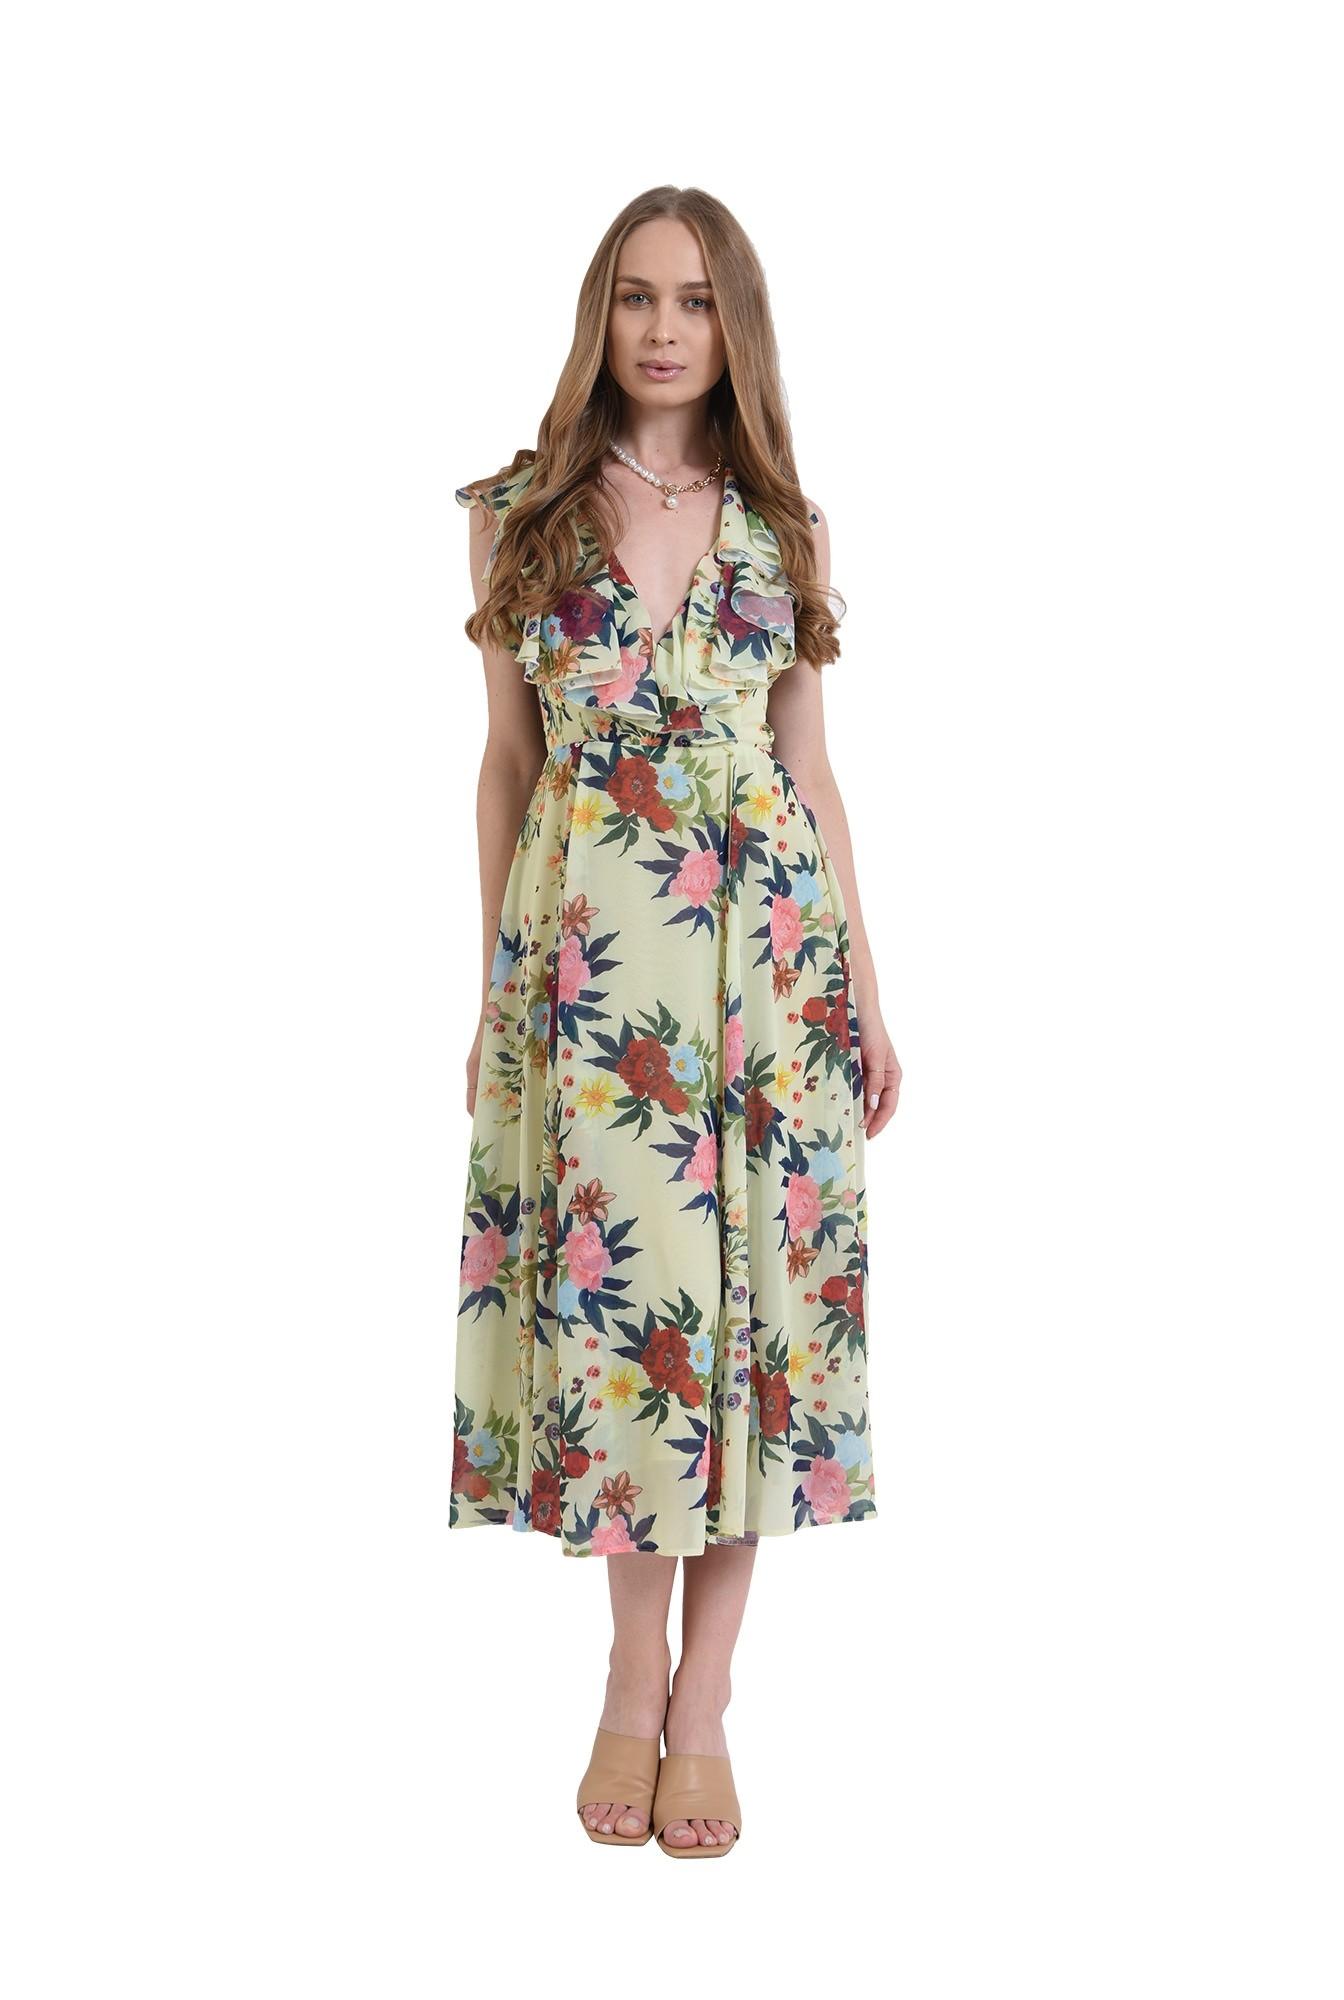 0 -  rochie eleganta, poema, cu flori, evazata, midi